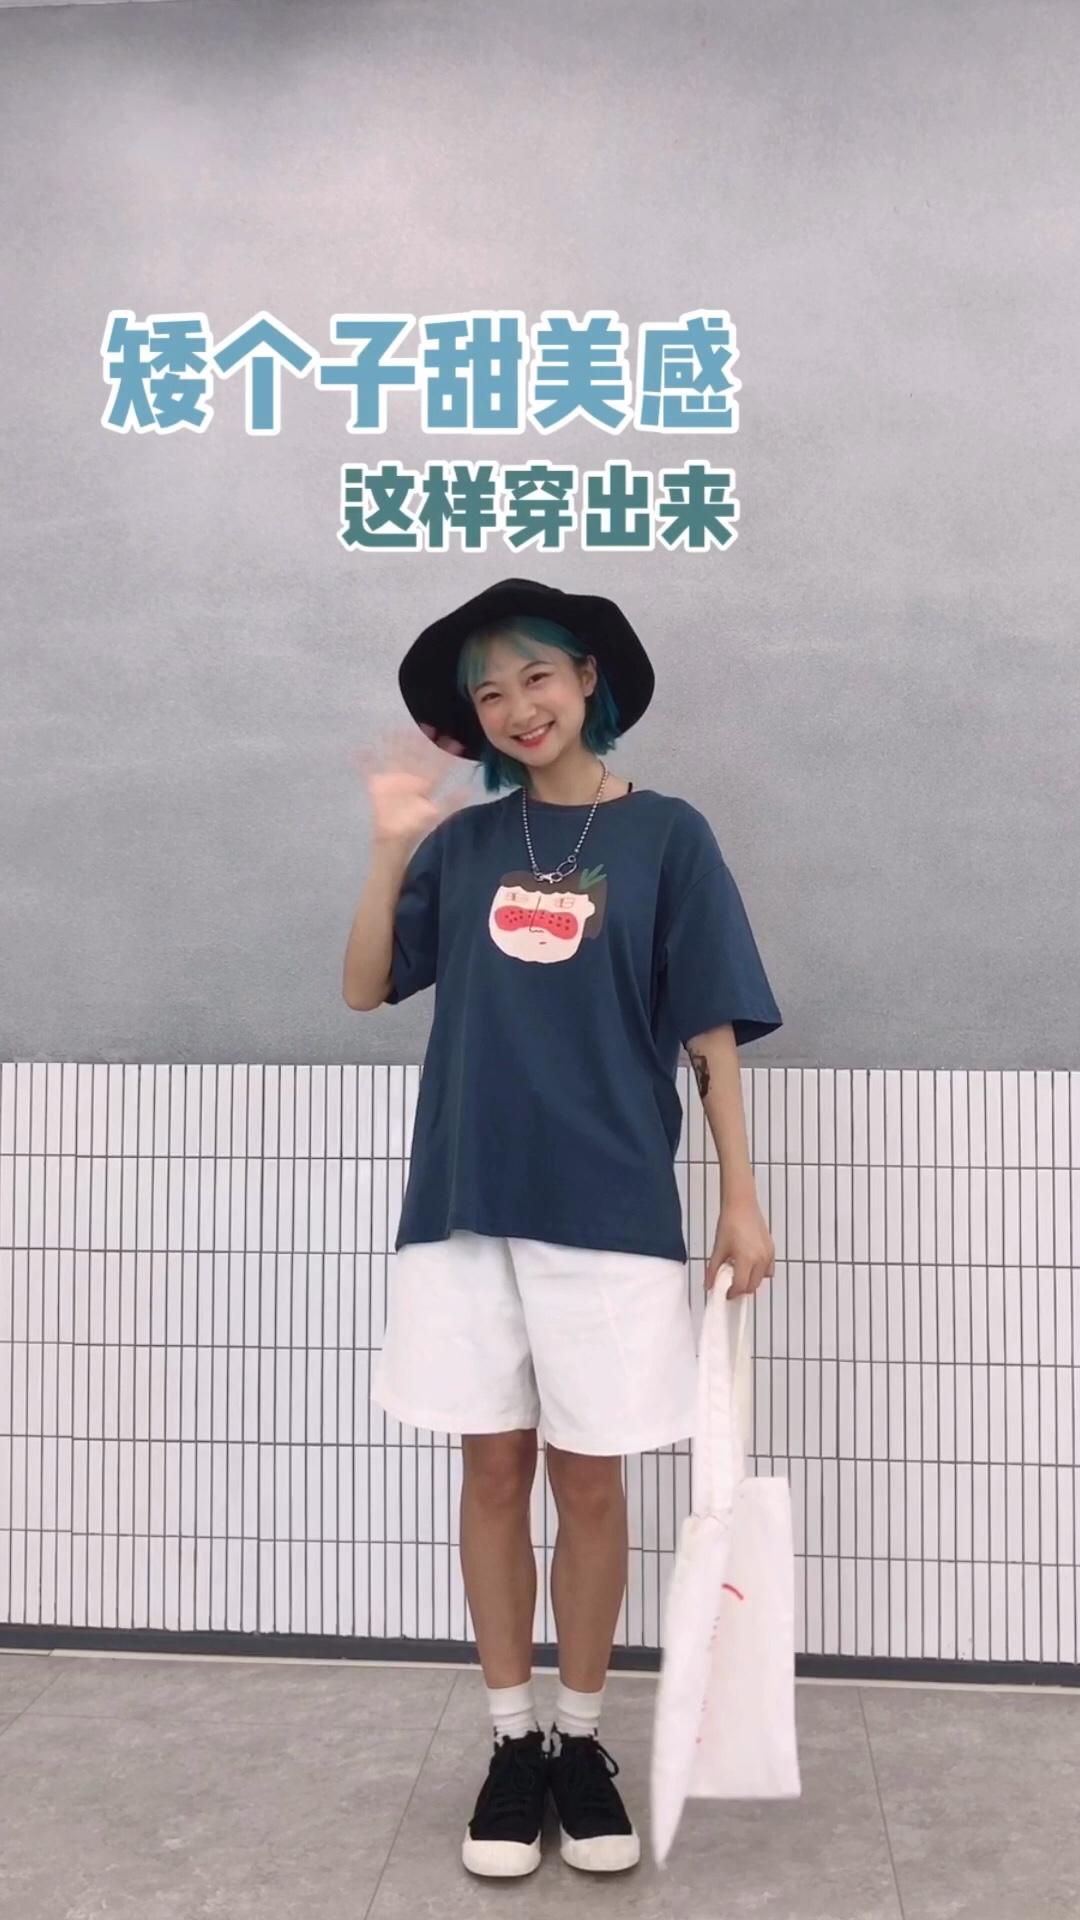 #李现女友高甜穿搭大赛#超可爱的清甜女孩穿搭~墨兰迪配色的T恤儿搭配上白色的短裤还有加上一双高帮的袜子。帽子和鞋子的颜色是相同的,有上下呼应的感觉,好看~